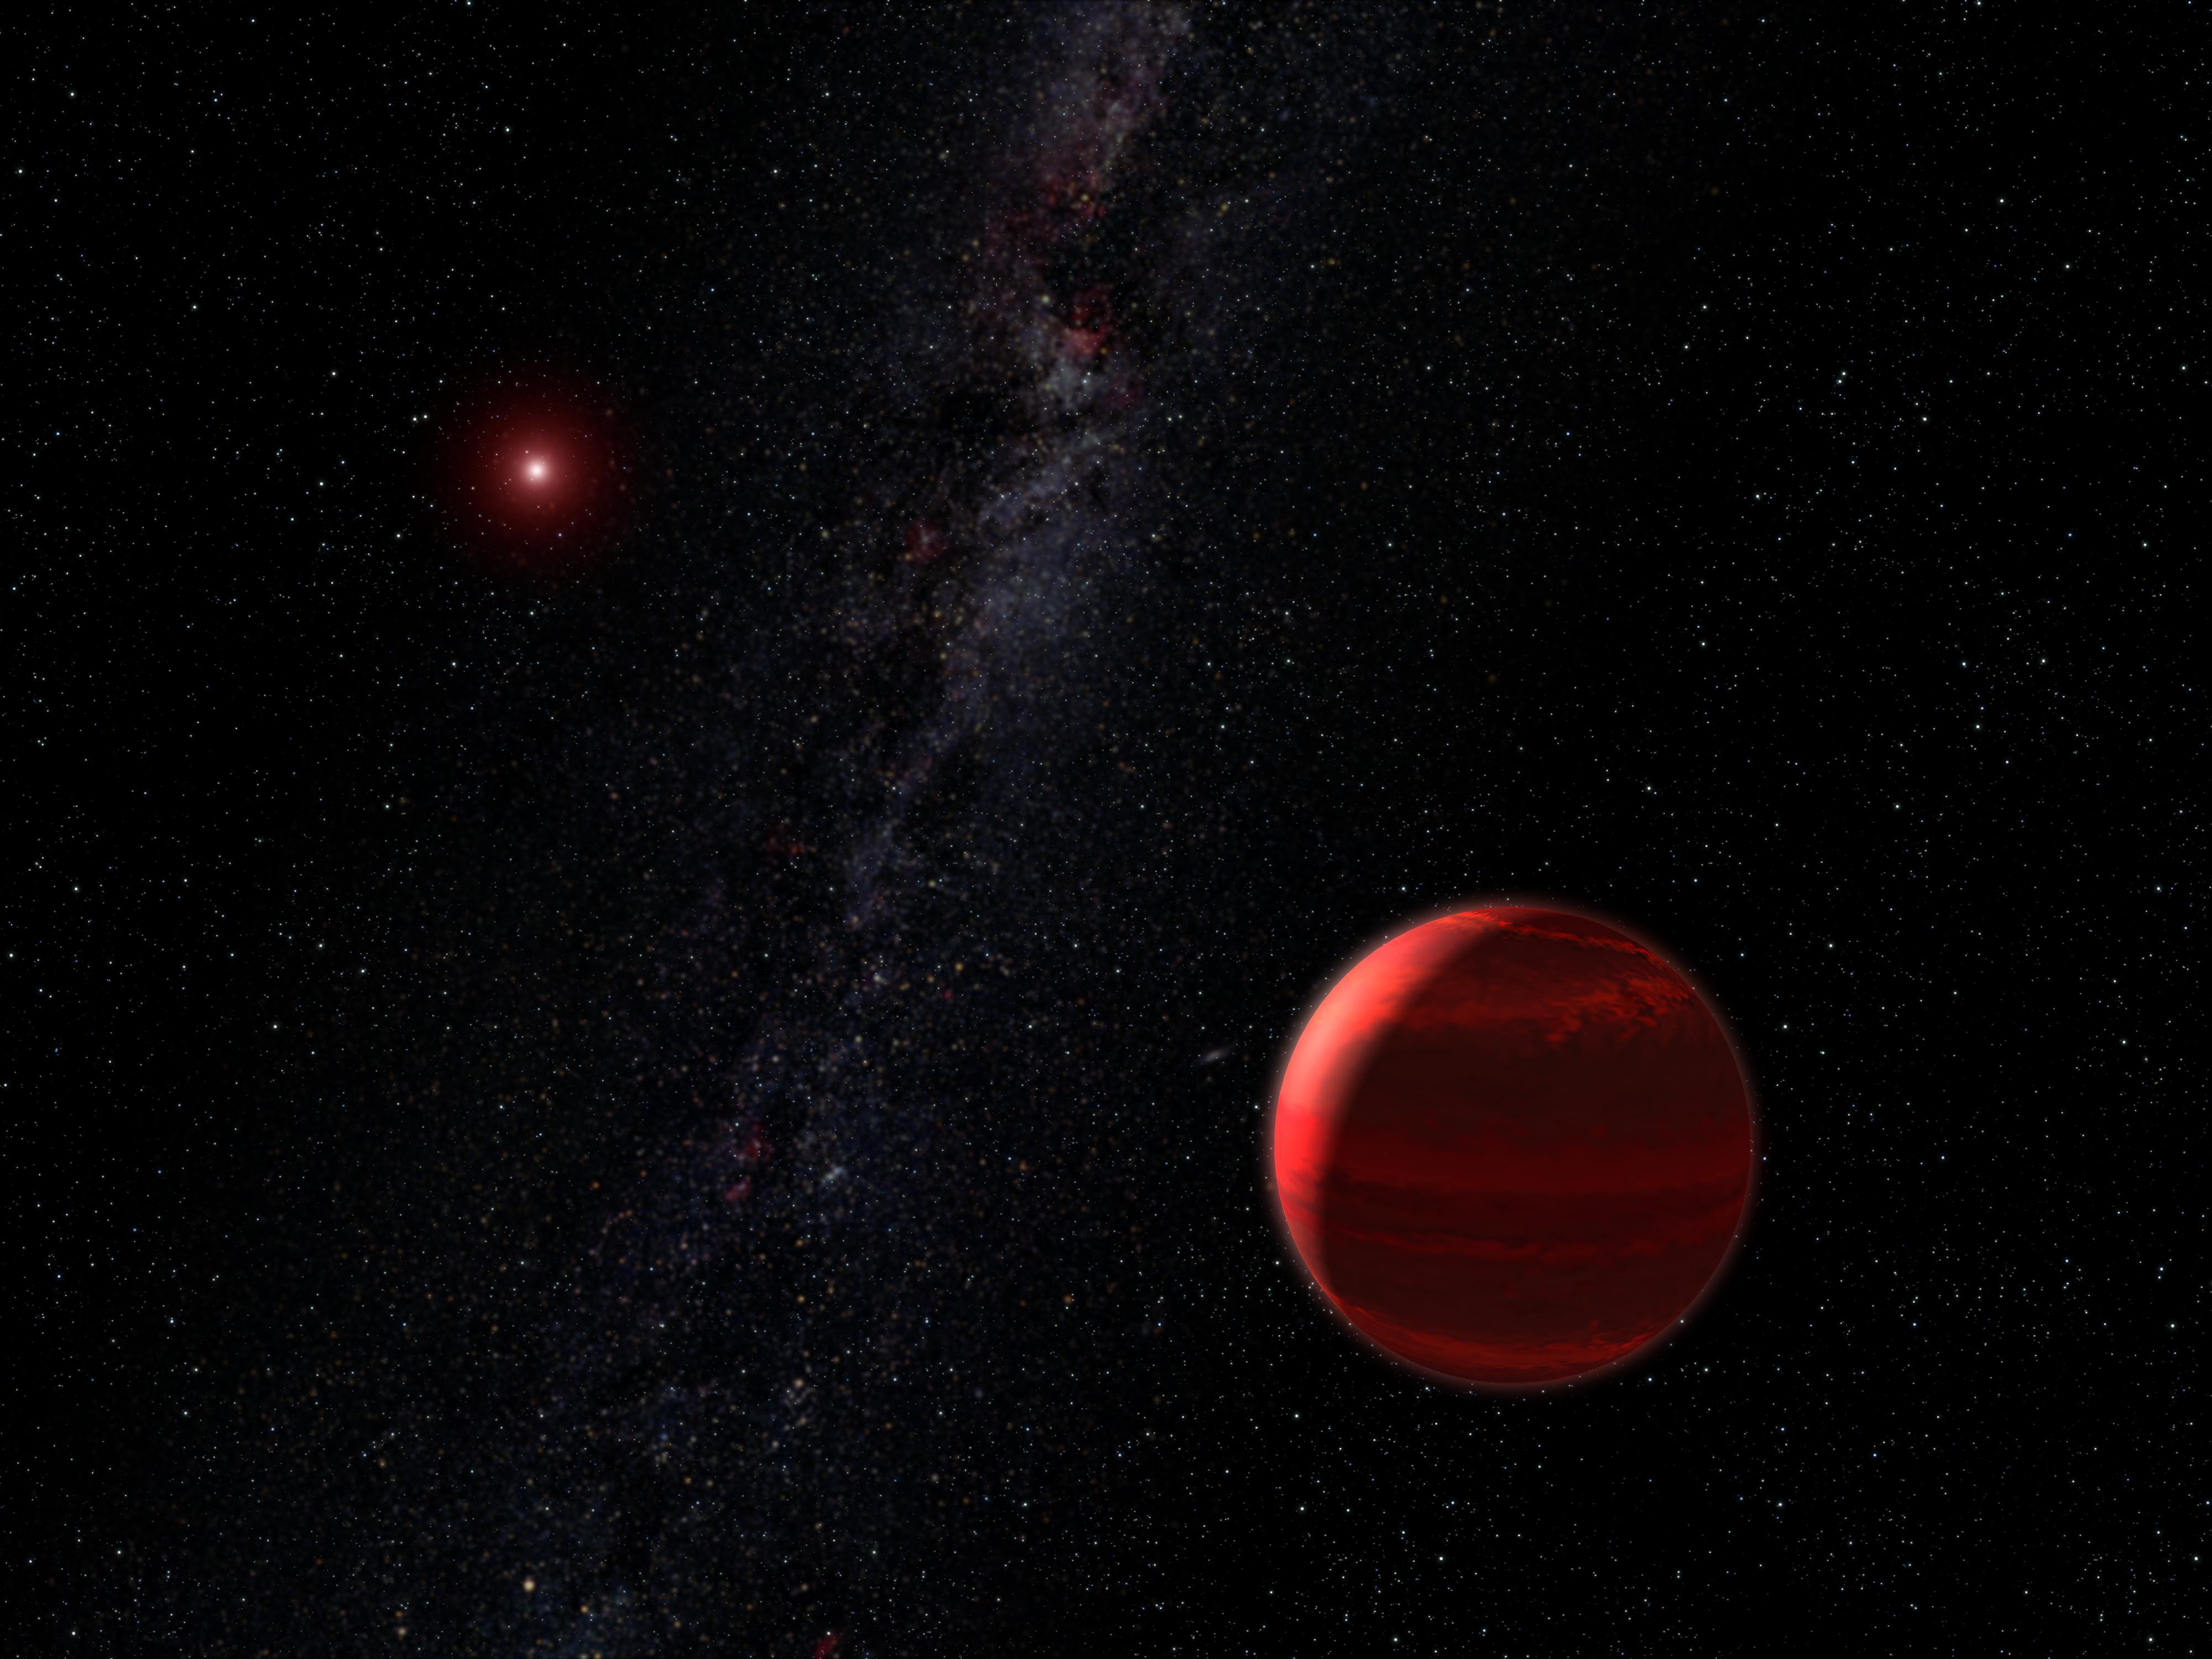 Exoplanety u červeného trpaslíka v představách malíře. Credit: NASA, ESA and G. Bacon (STScI)